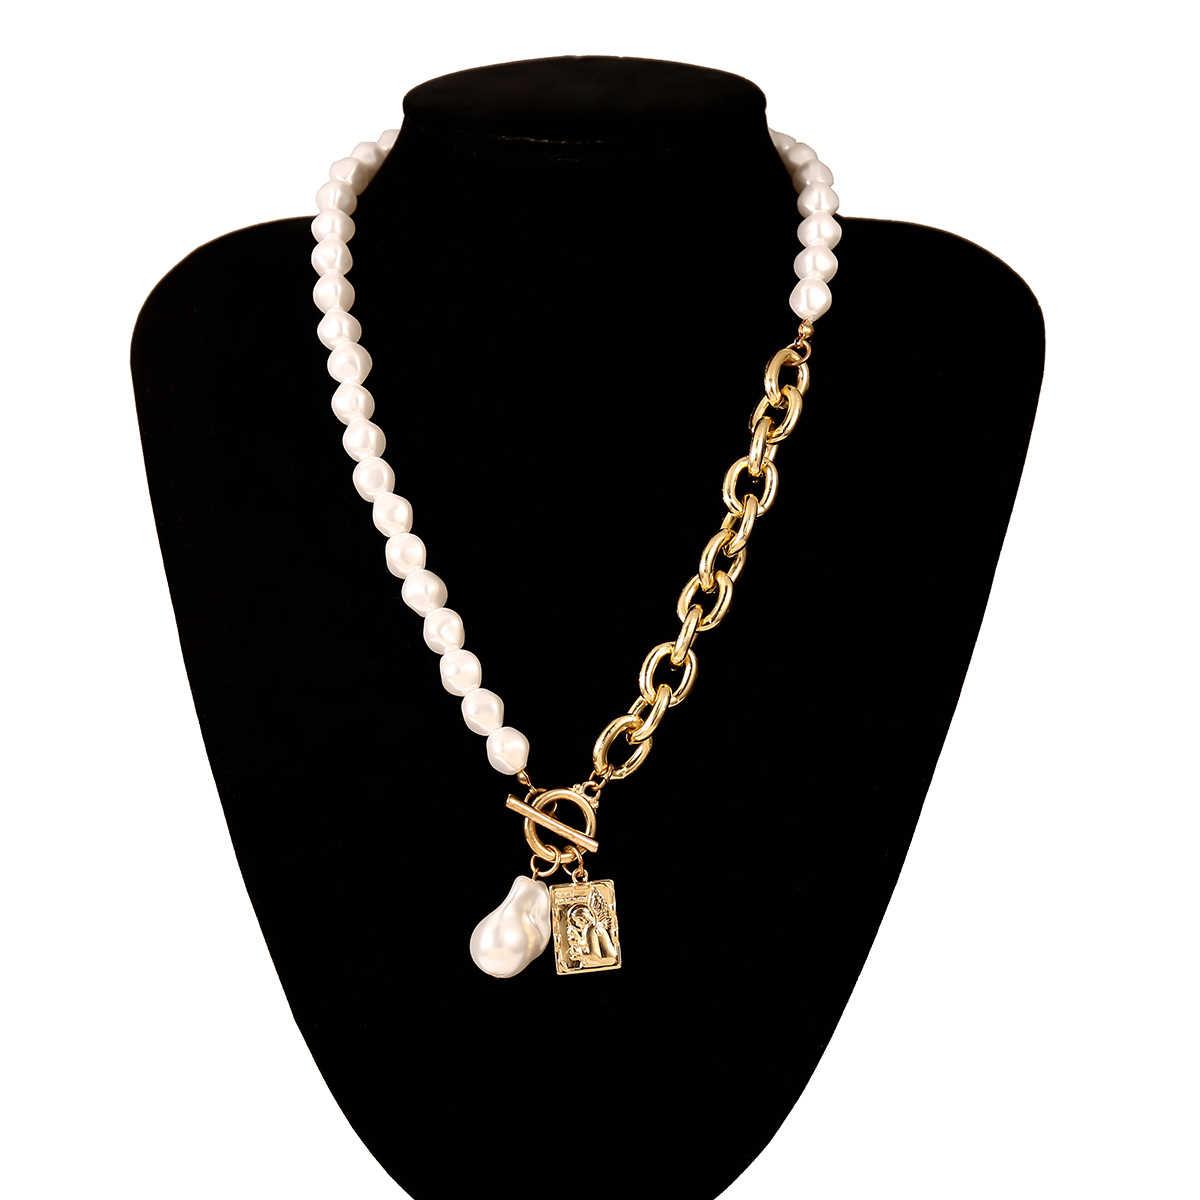 القوطية الباروك اللؤلؤ الملاك قلادة المختنق قلادة للنساء الزفاف فاسق لاسو كبير مكتنزة سميكة قفل سلسلة قلادة مجوهرات